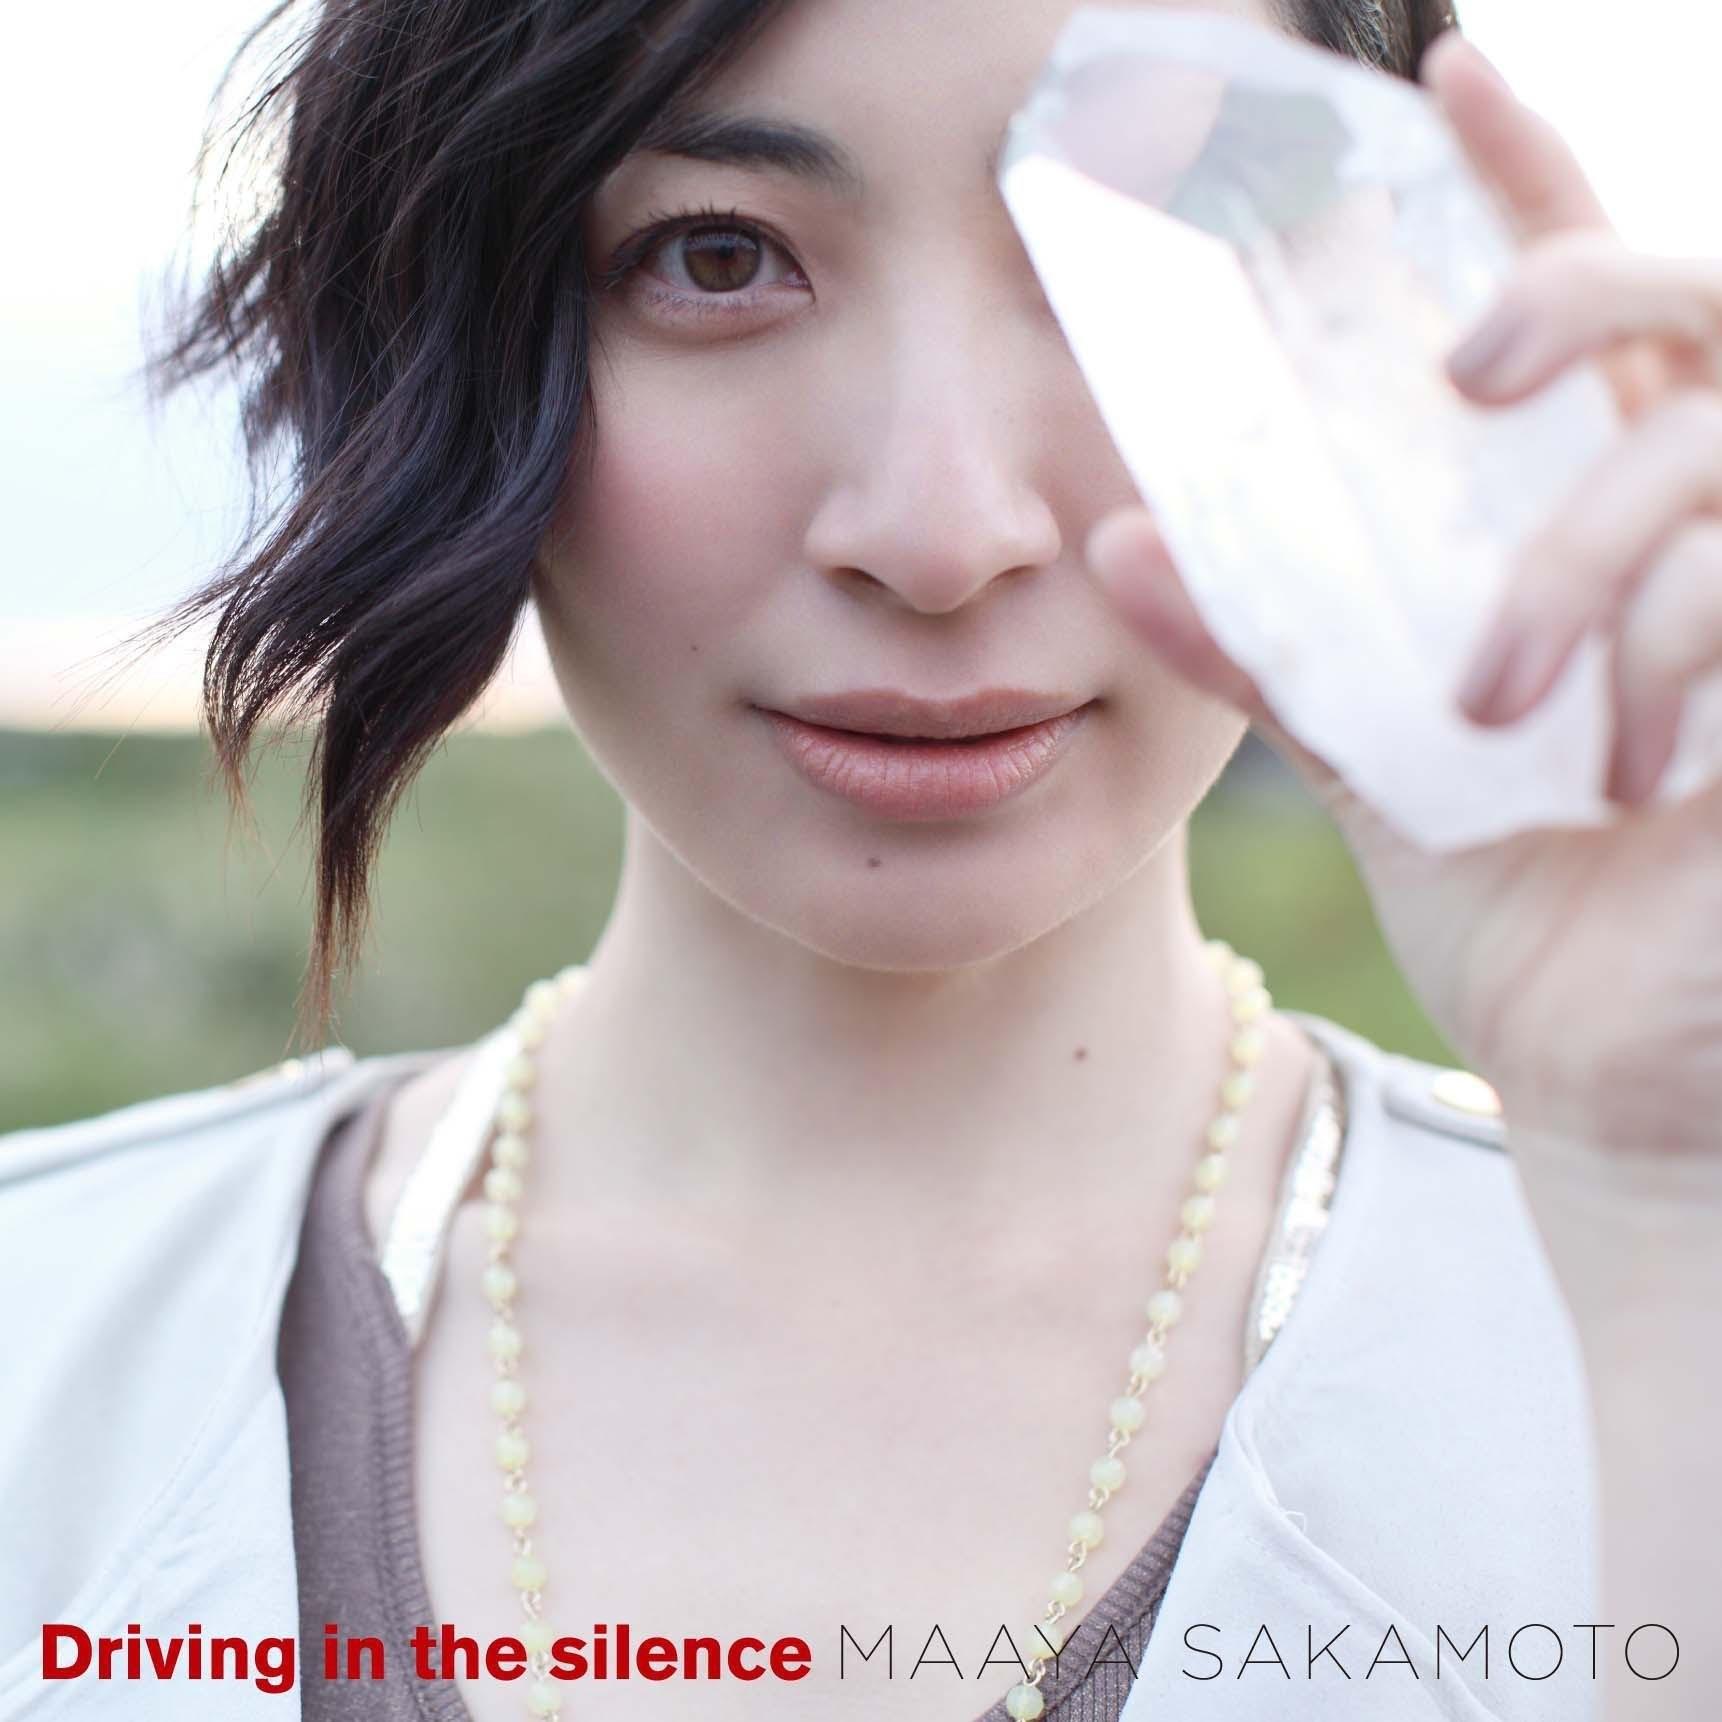 坂本真綾 (Maaya Sakamoto) – Driving in the silence [Mora FLAC 24bit/96kHz]